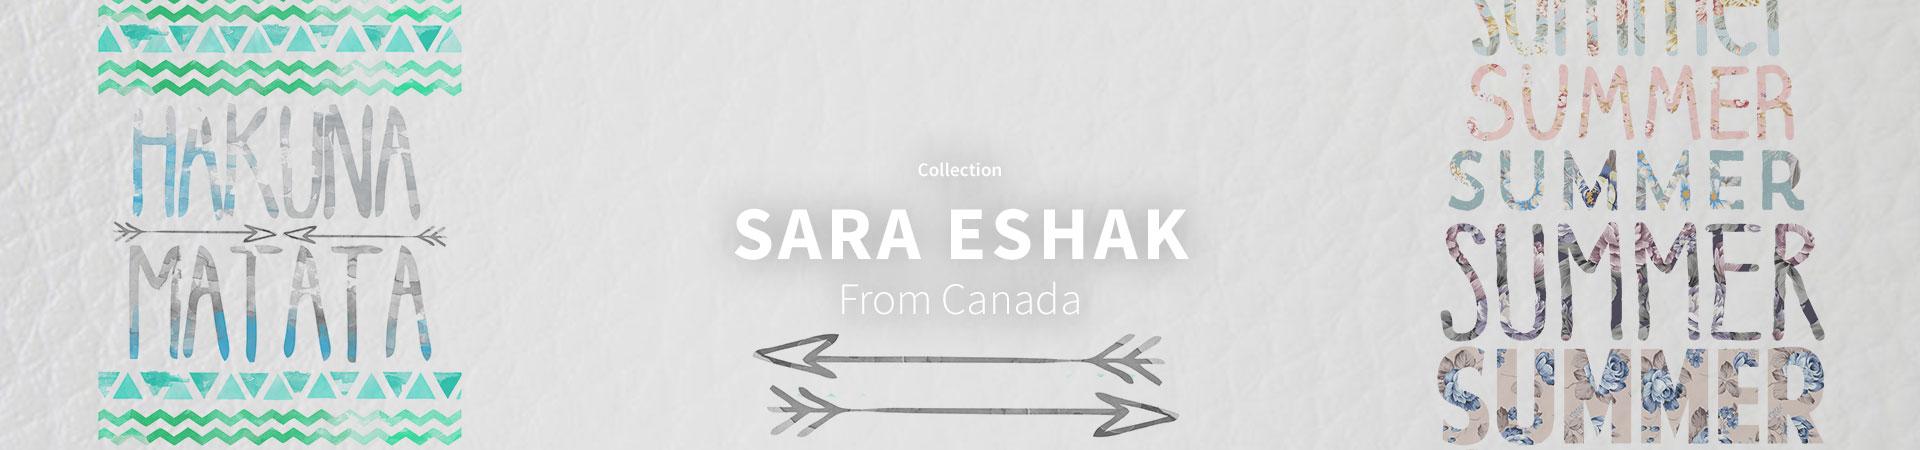 Sara Eshak